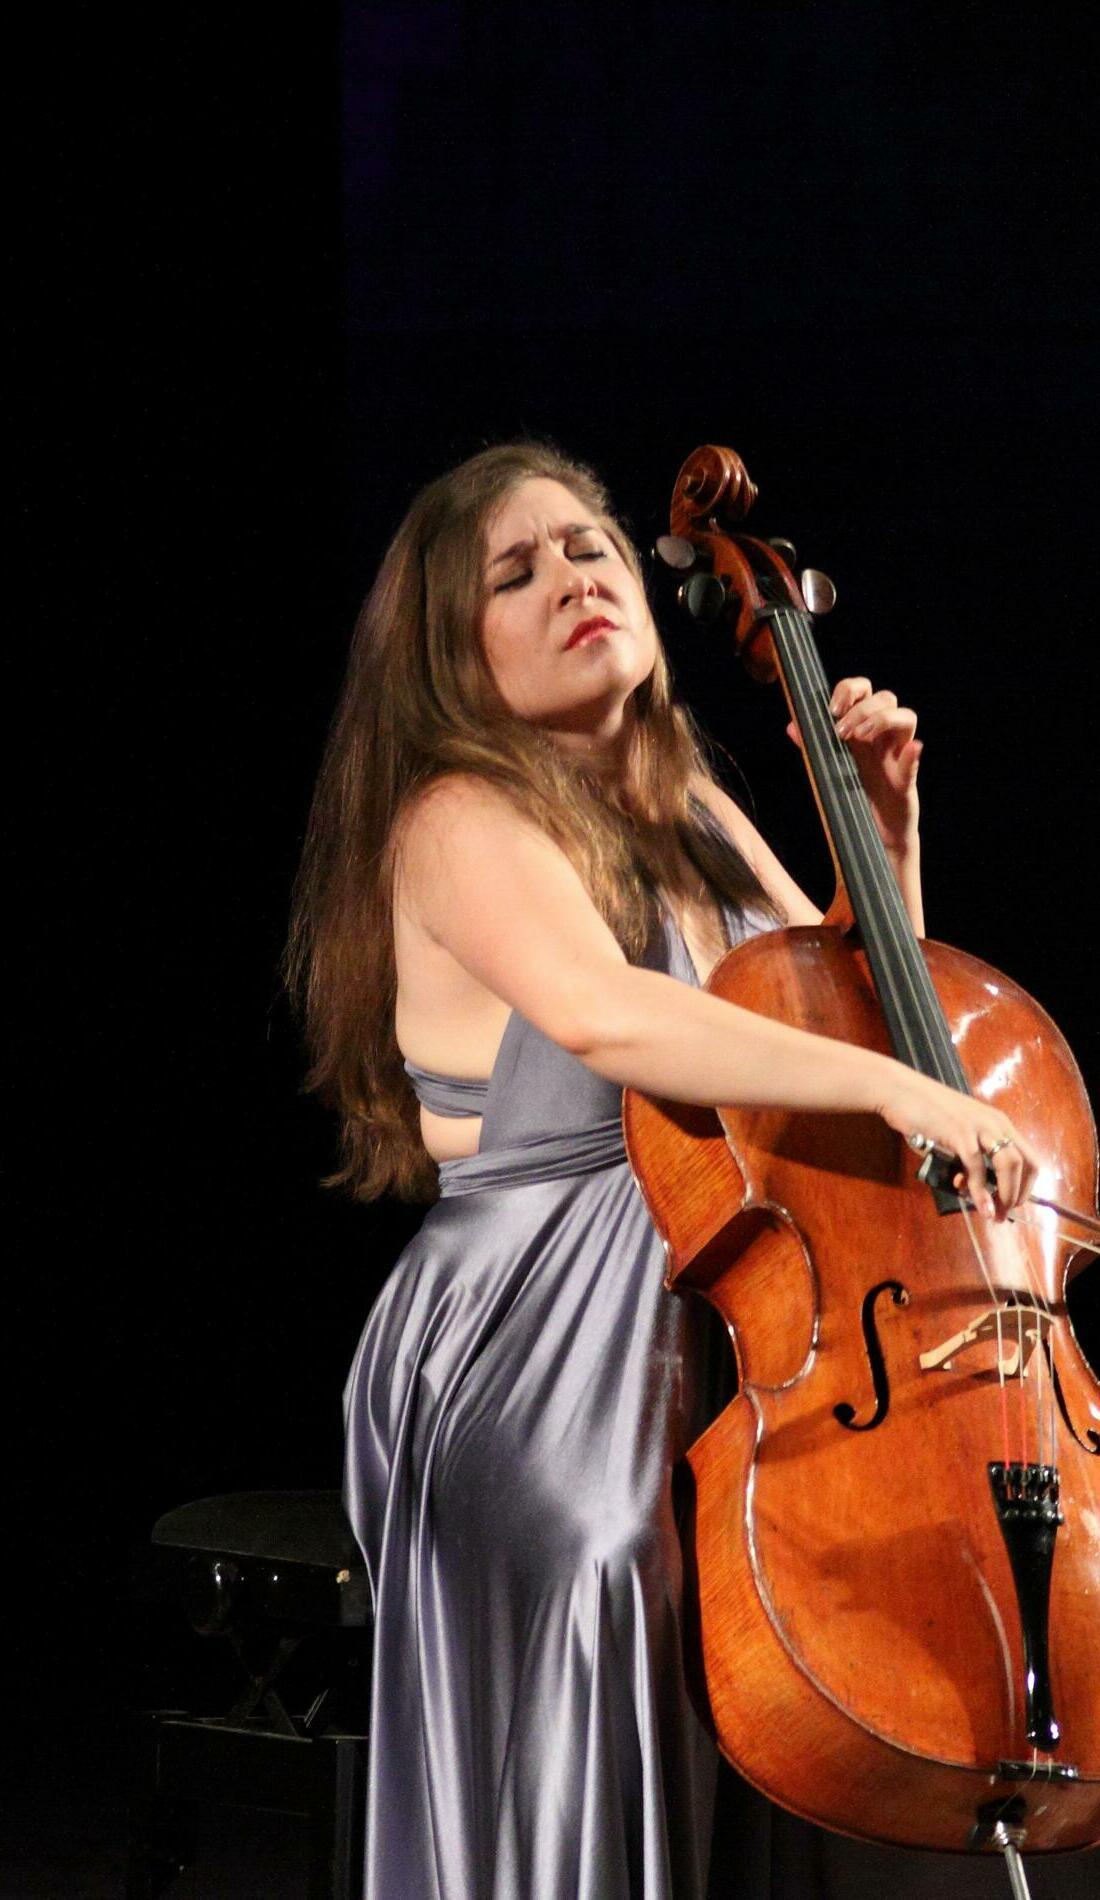 A Alisa Weilerstein live event